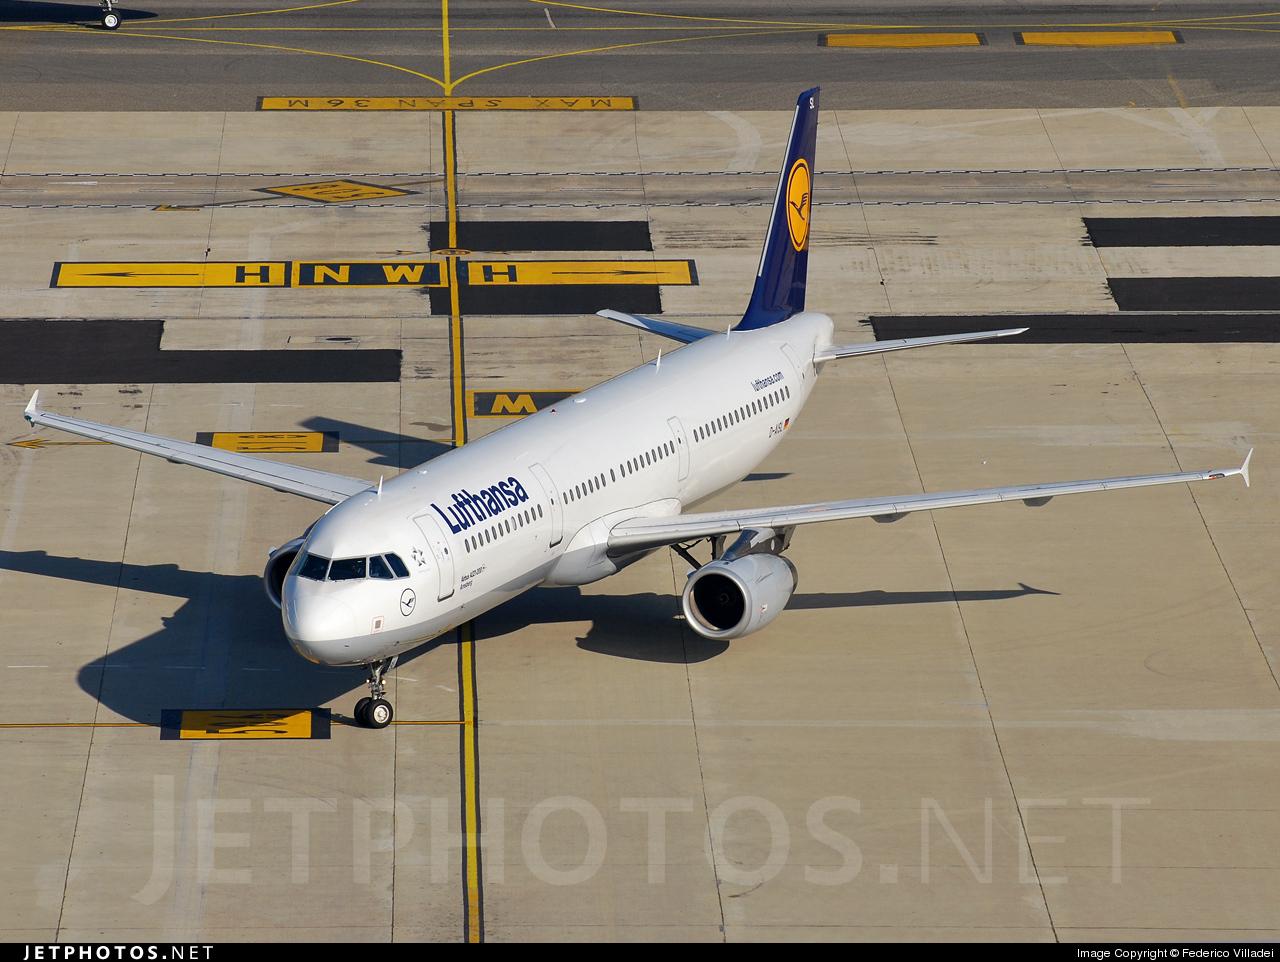 Photo of D-AISL Airbus A321-231 by Federico Villadei